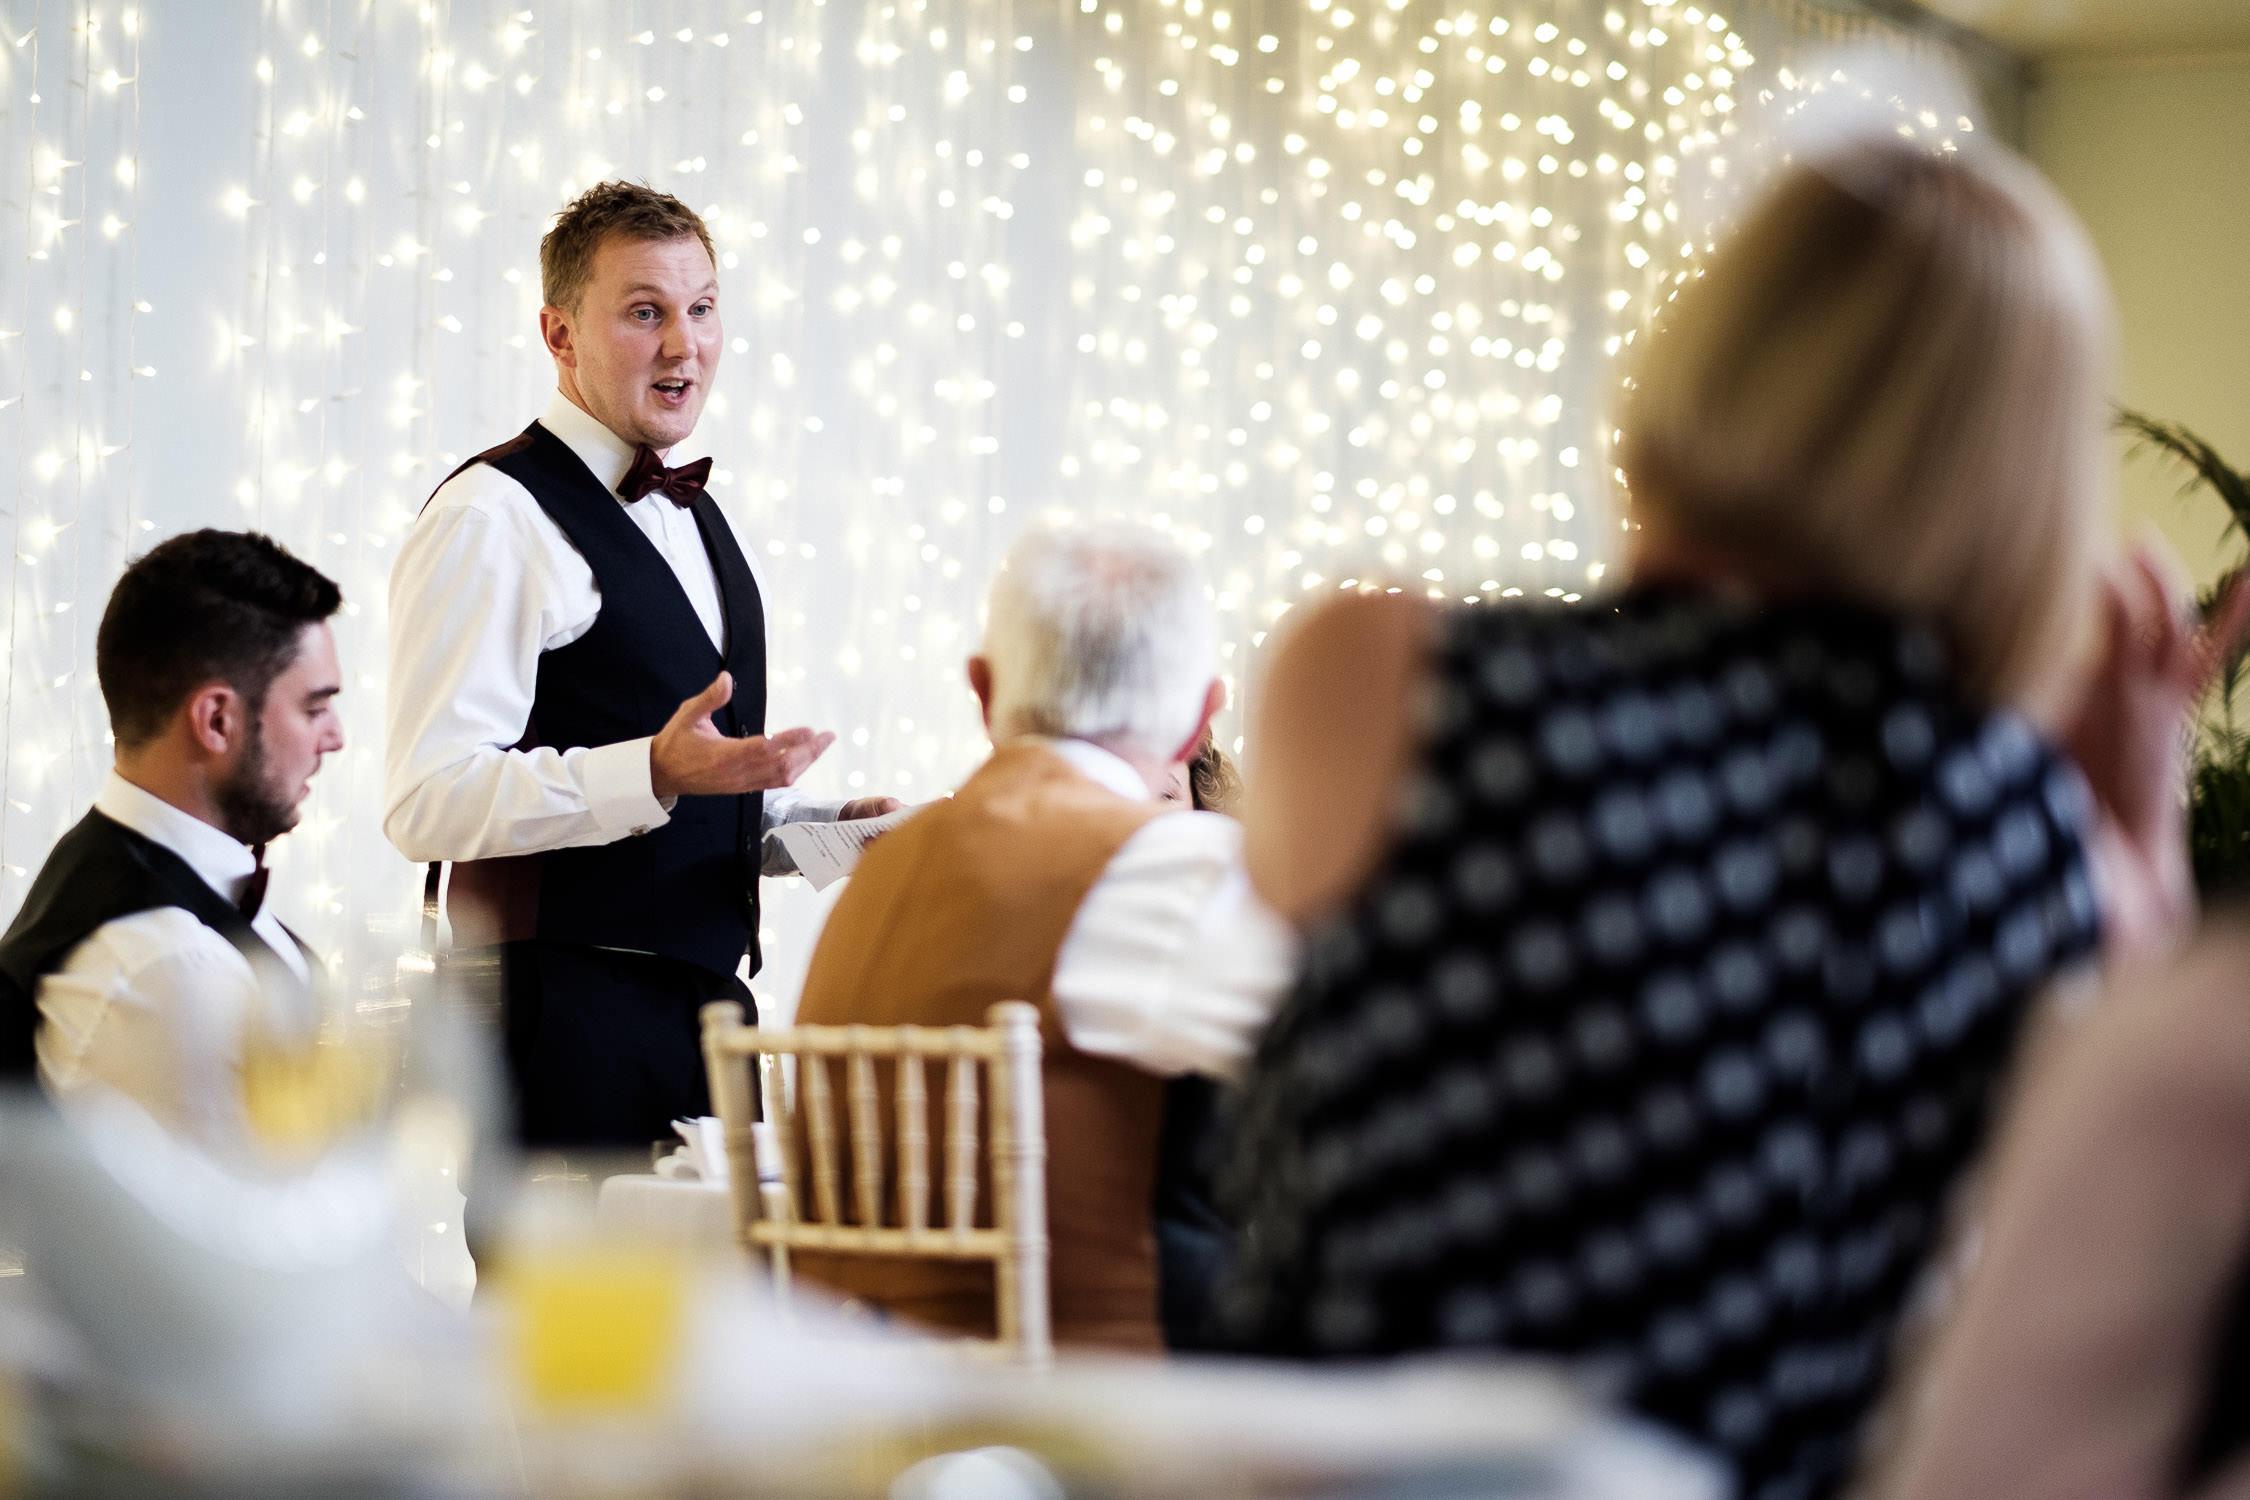 end of wedding breakfast groom gives speech